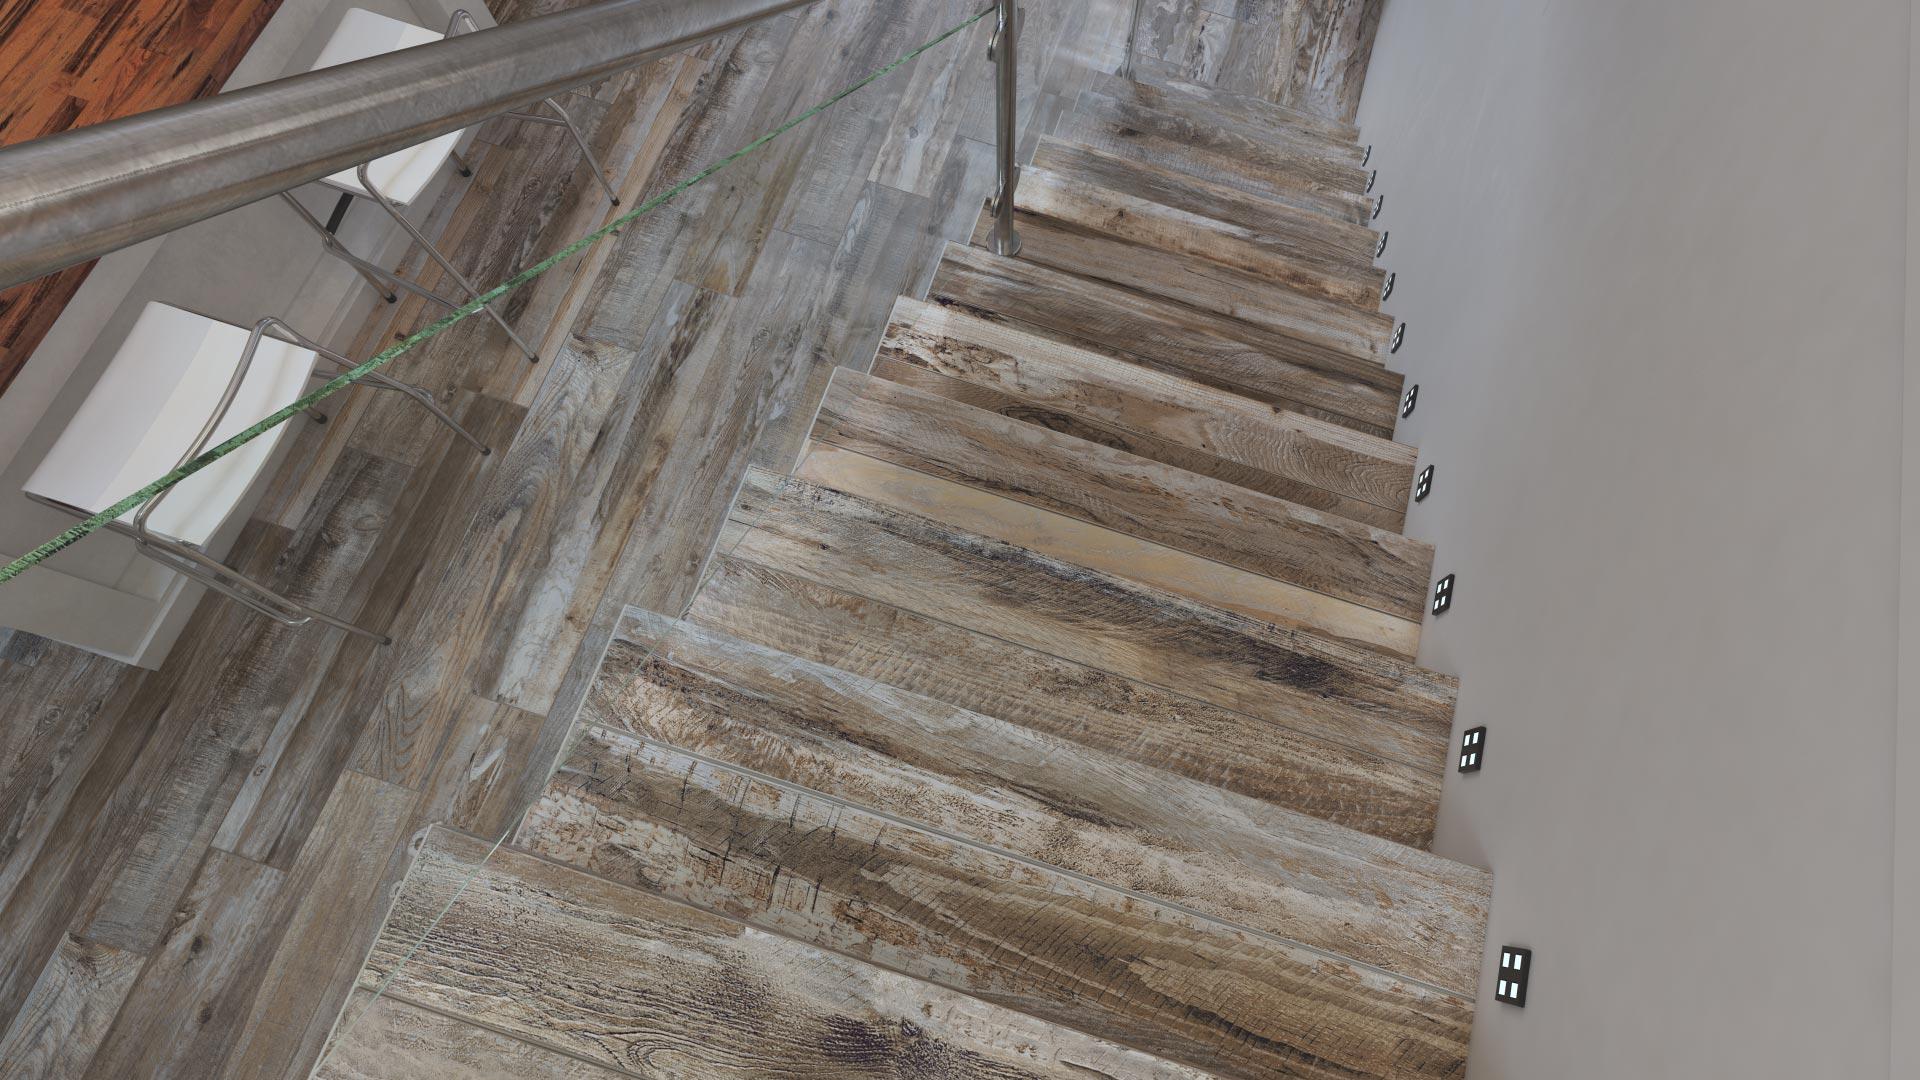 3D-визуализация интерьера жилой комнаты для ТМ Estima, лестница © 3DADDY STUDIO